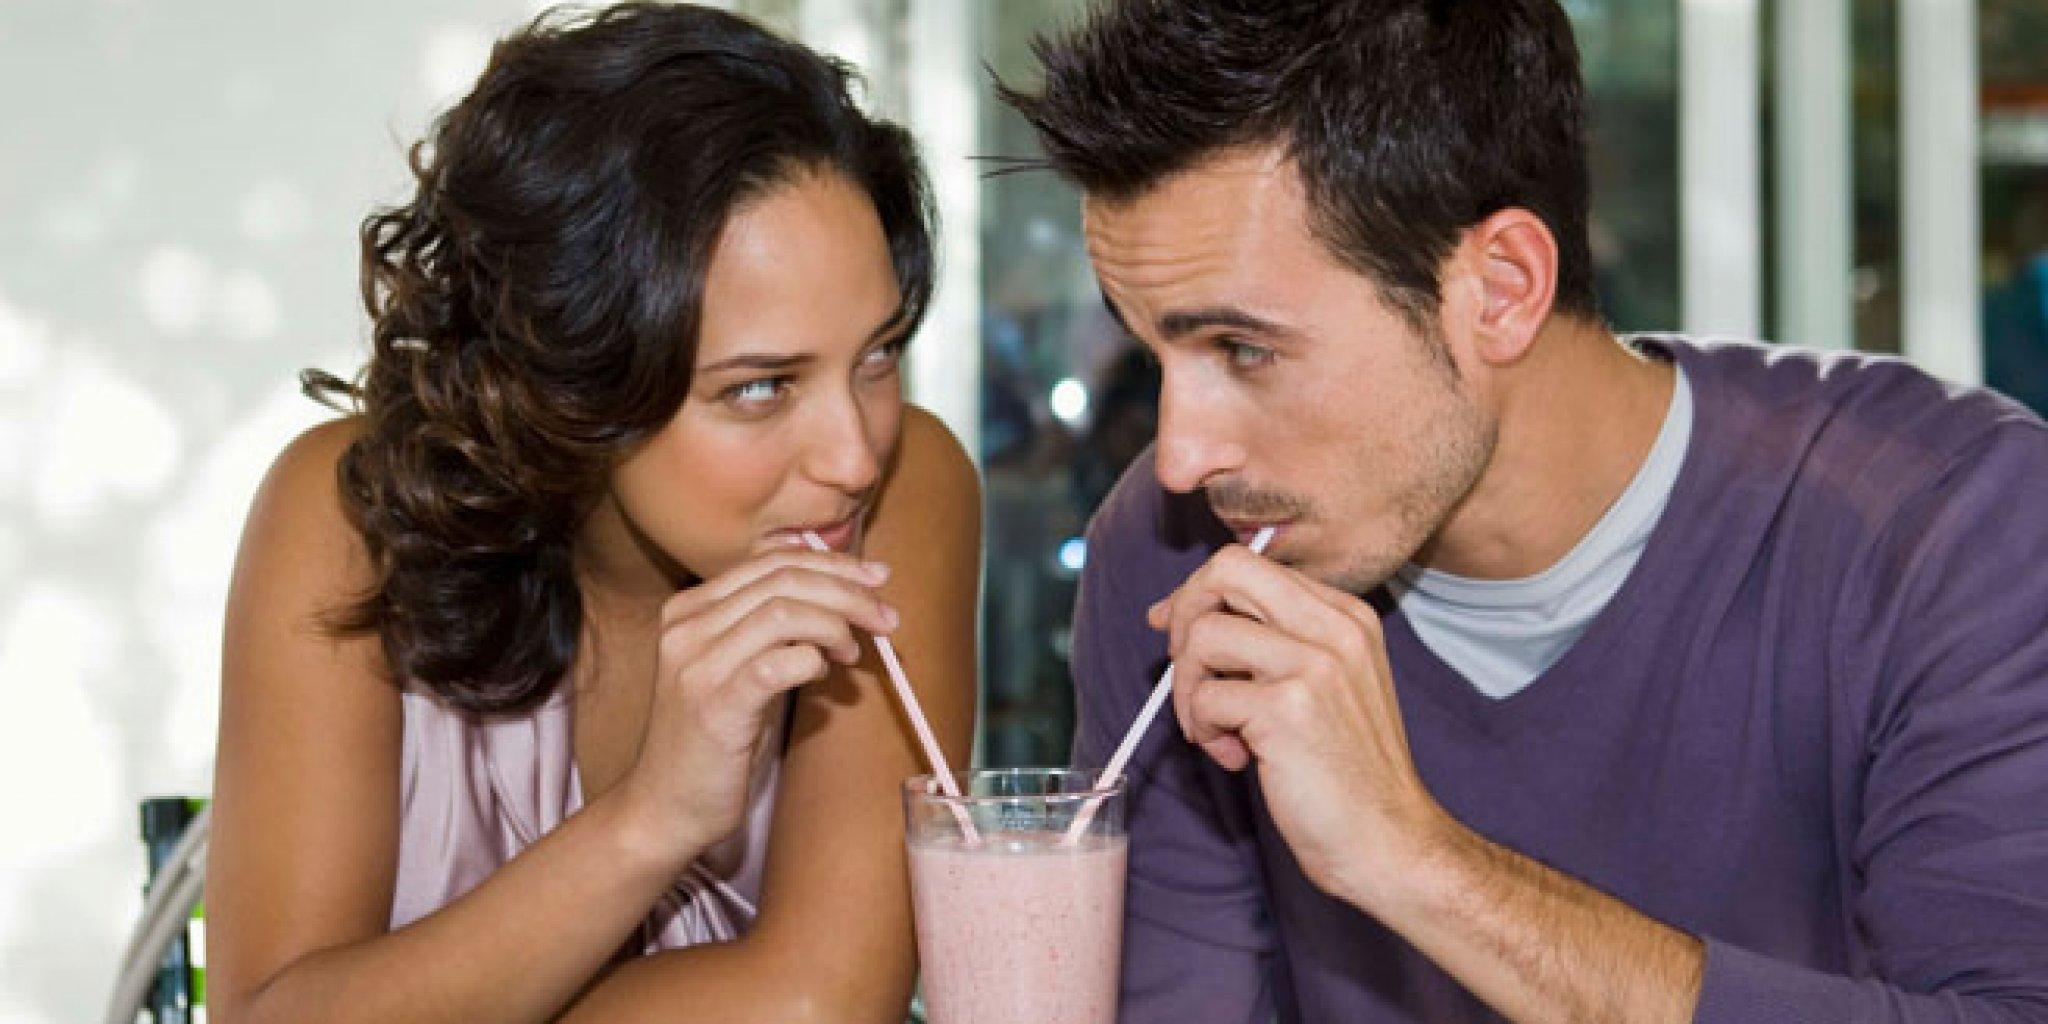 Могут ли флирт знакомства перерасти в серьезные отношения?